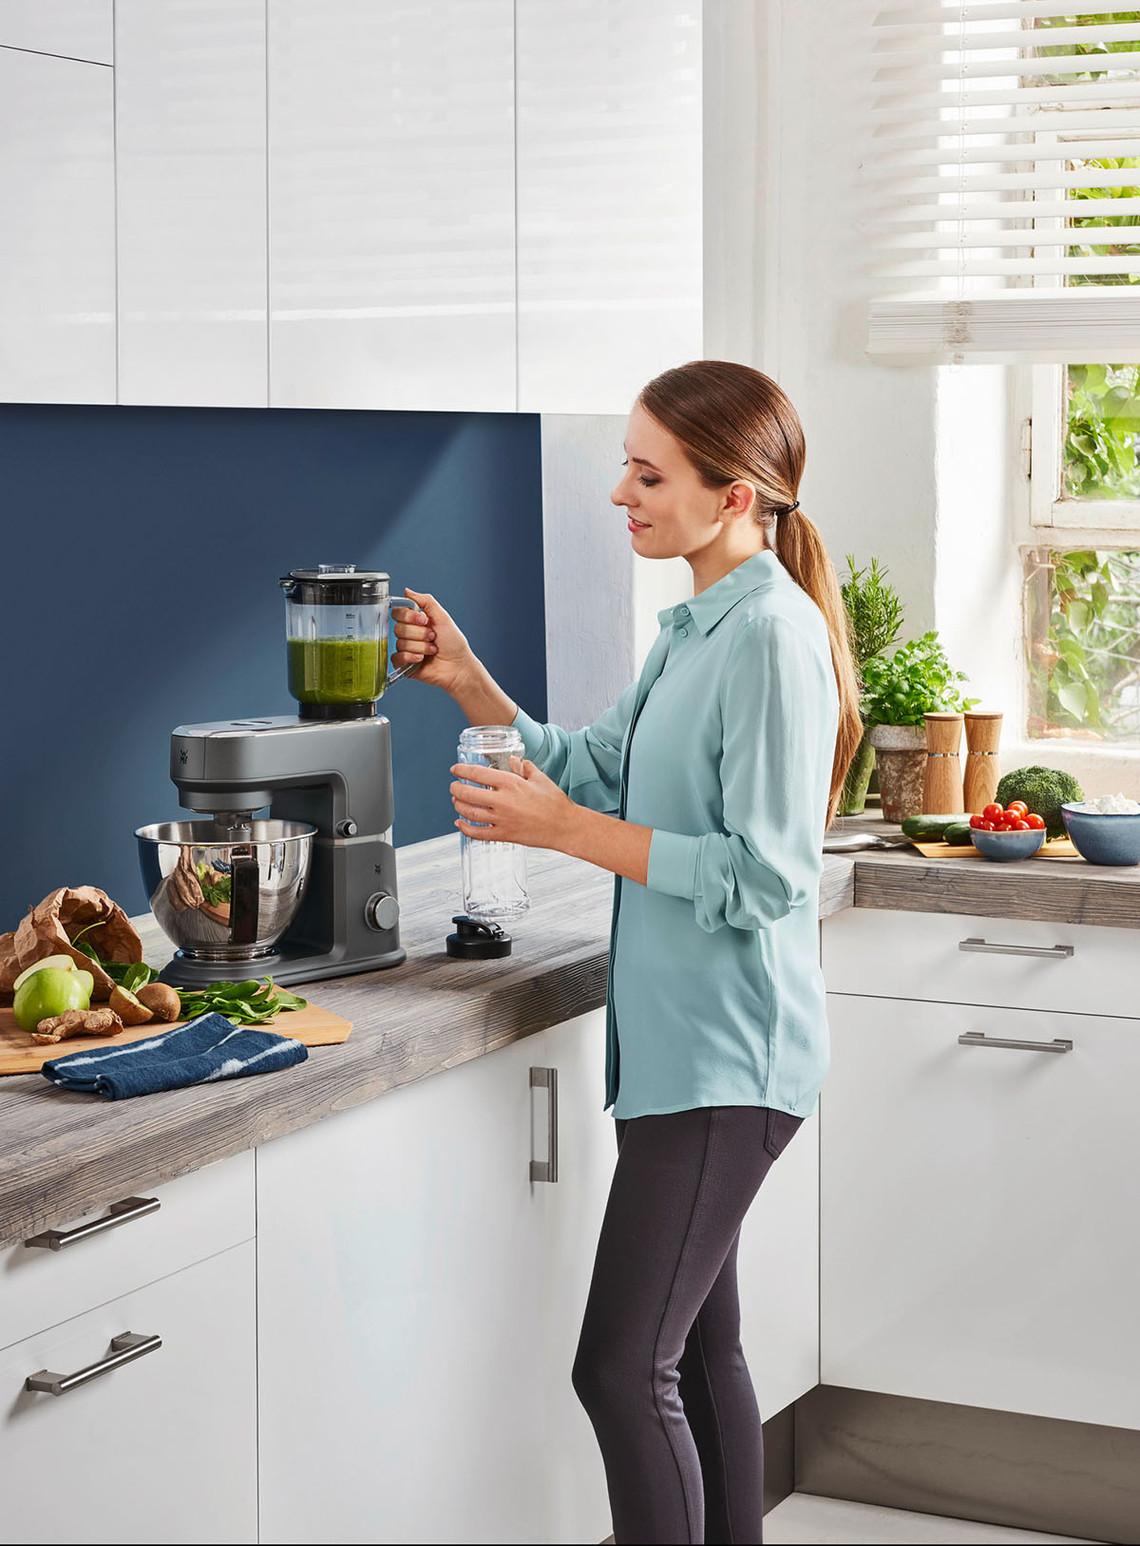 Wmf Küchenmaschine One For All Test 2021